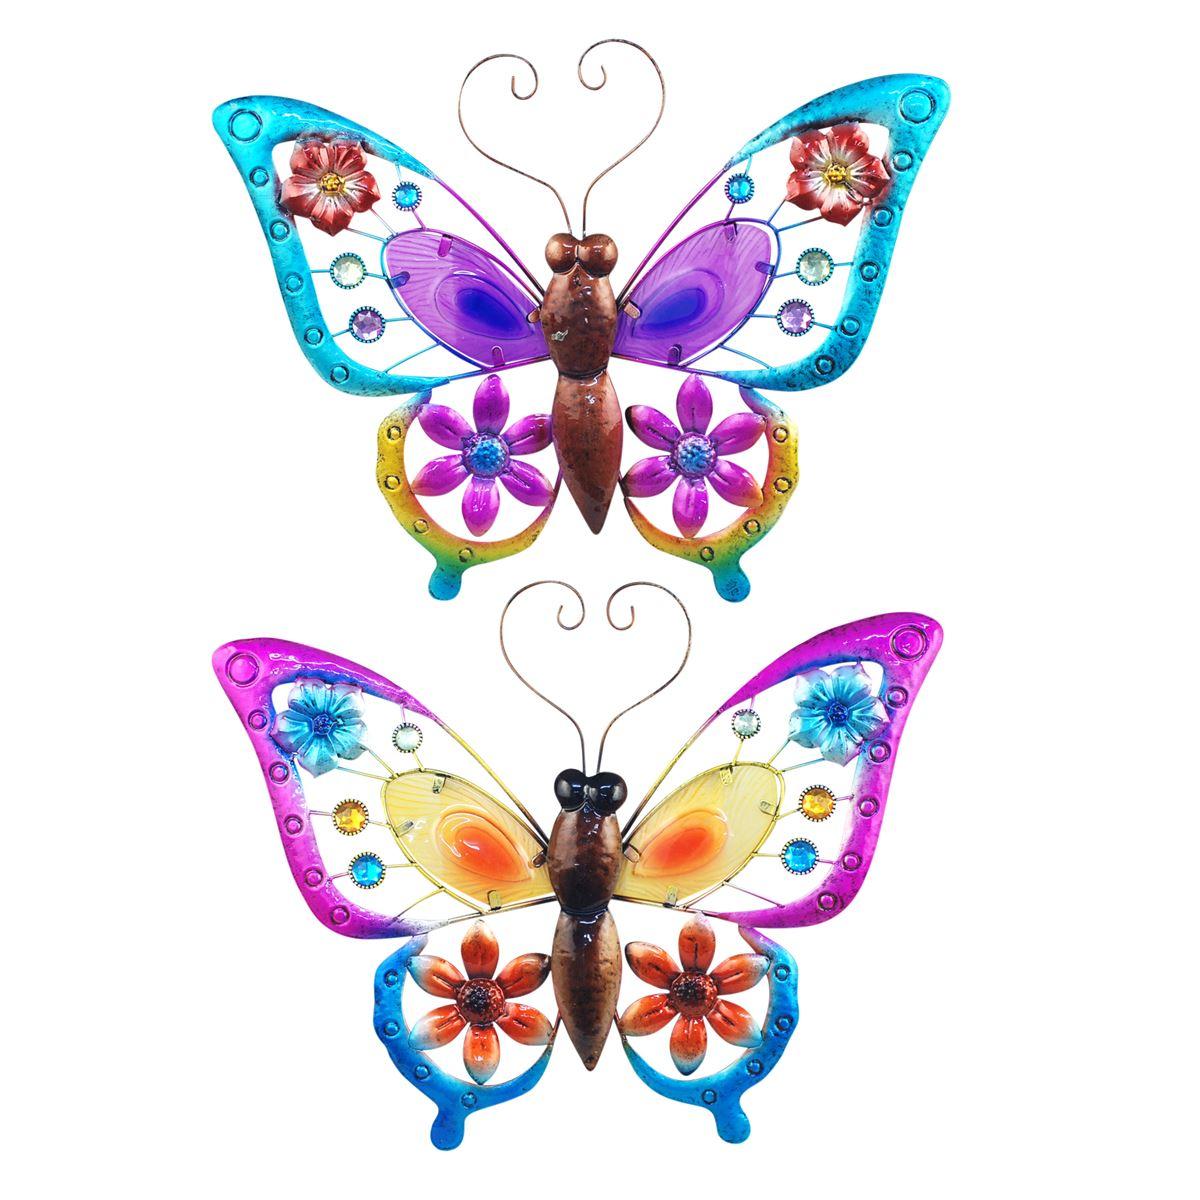 Wanddecoratie vlinders in diverse kleuren maat XL